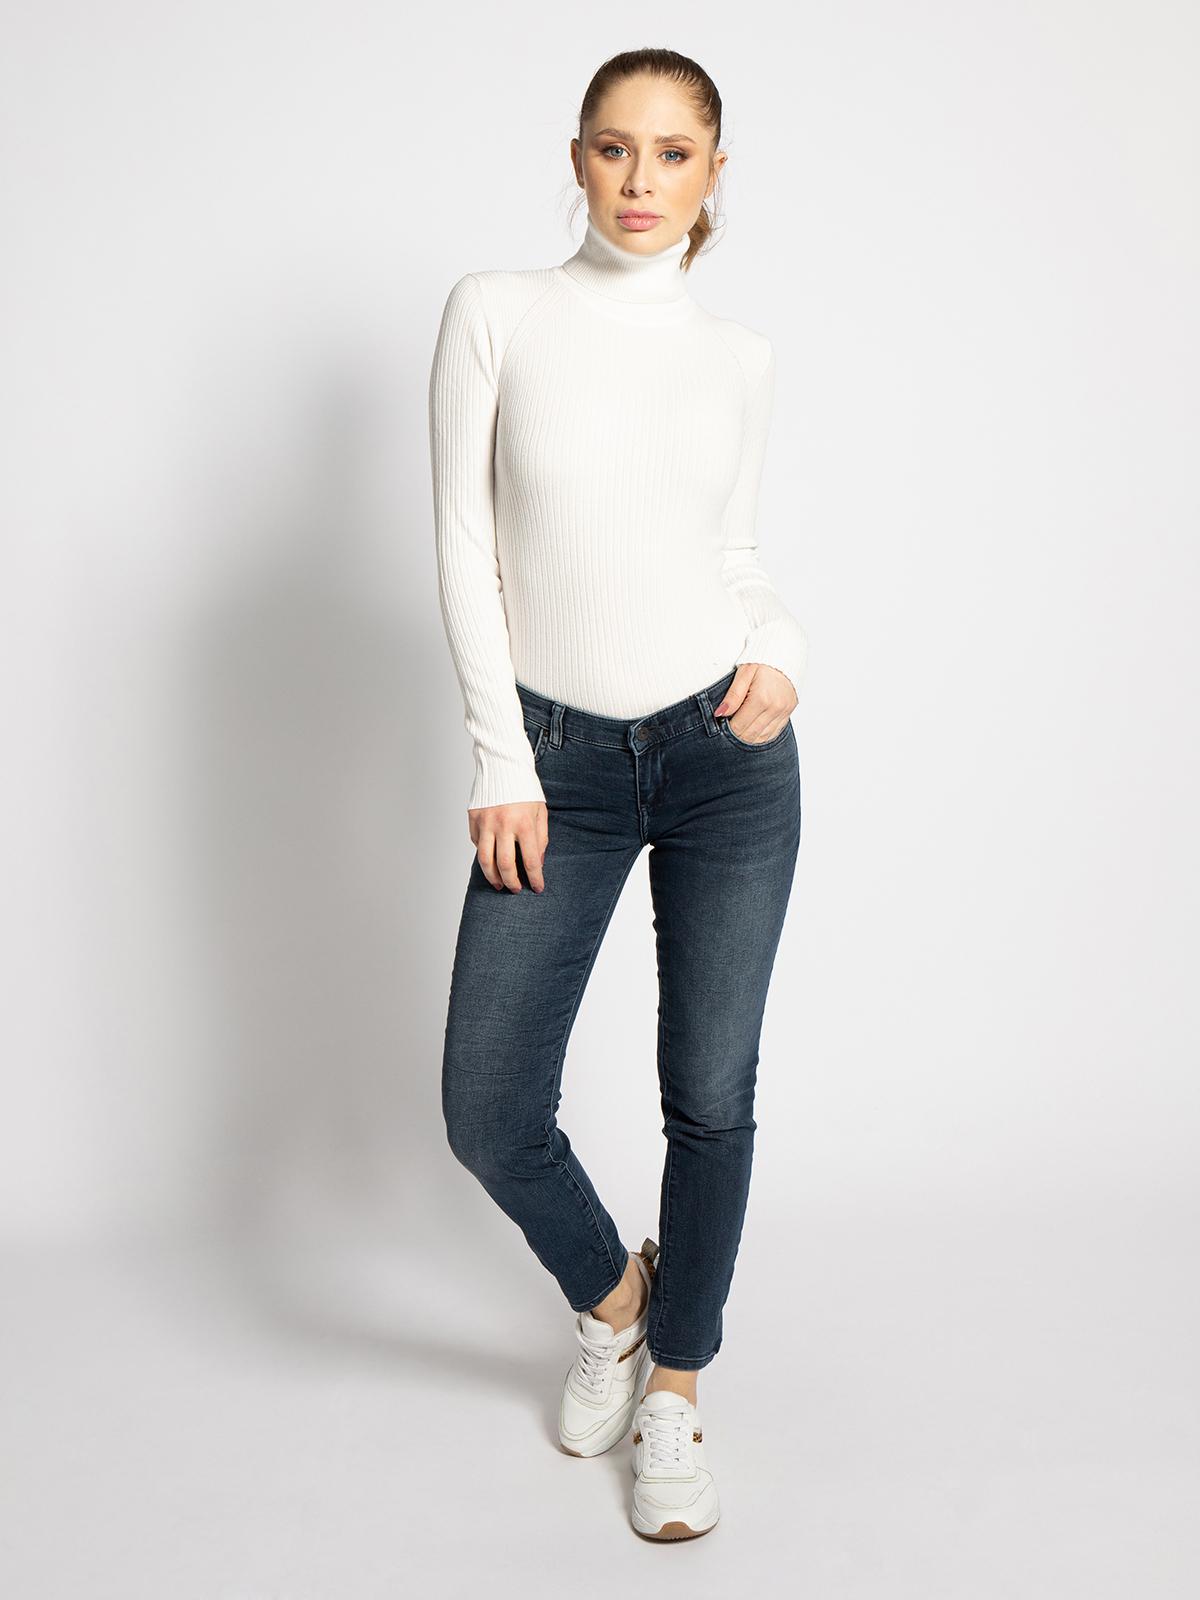 LTB Spijkerbroek Mina in blauw voor Dames